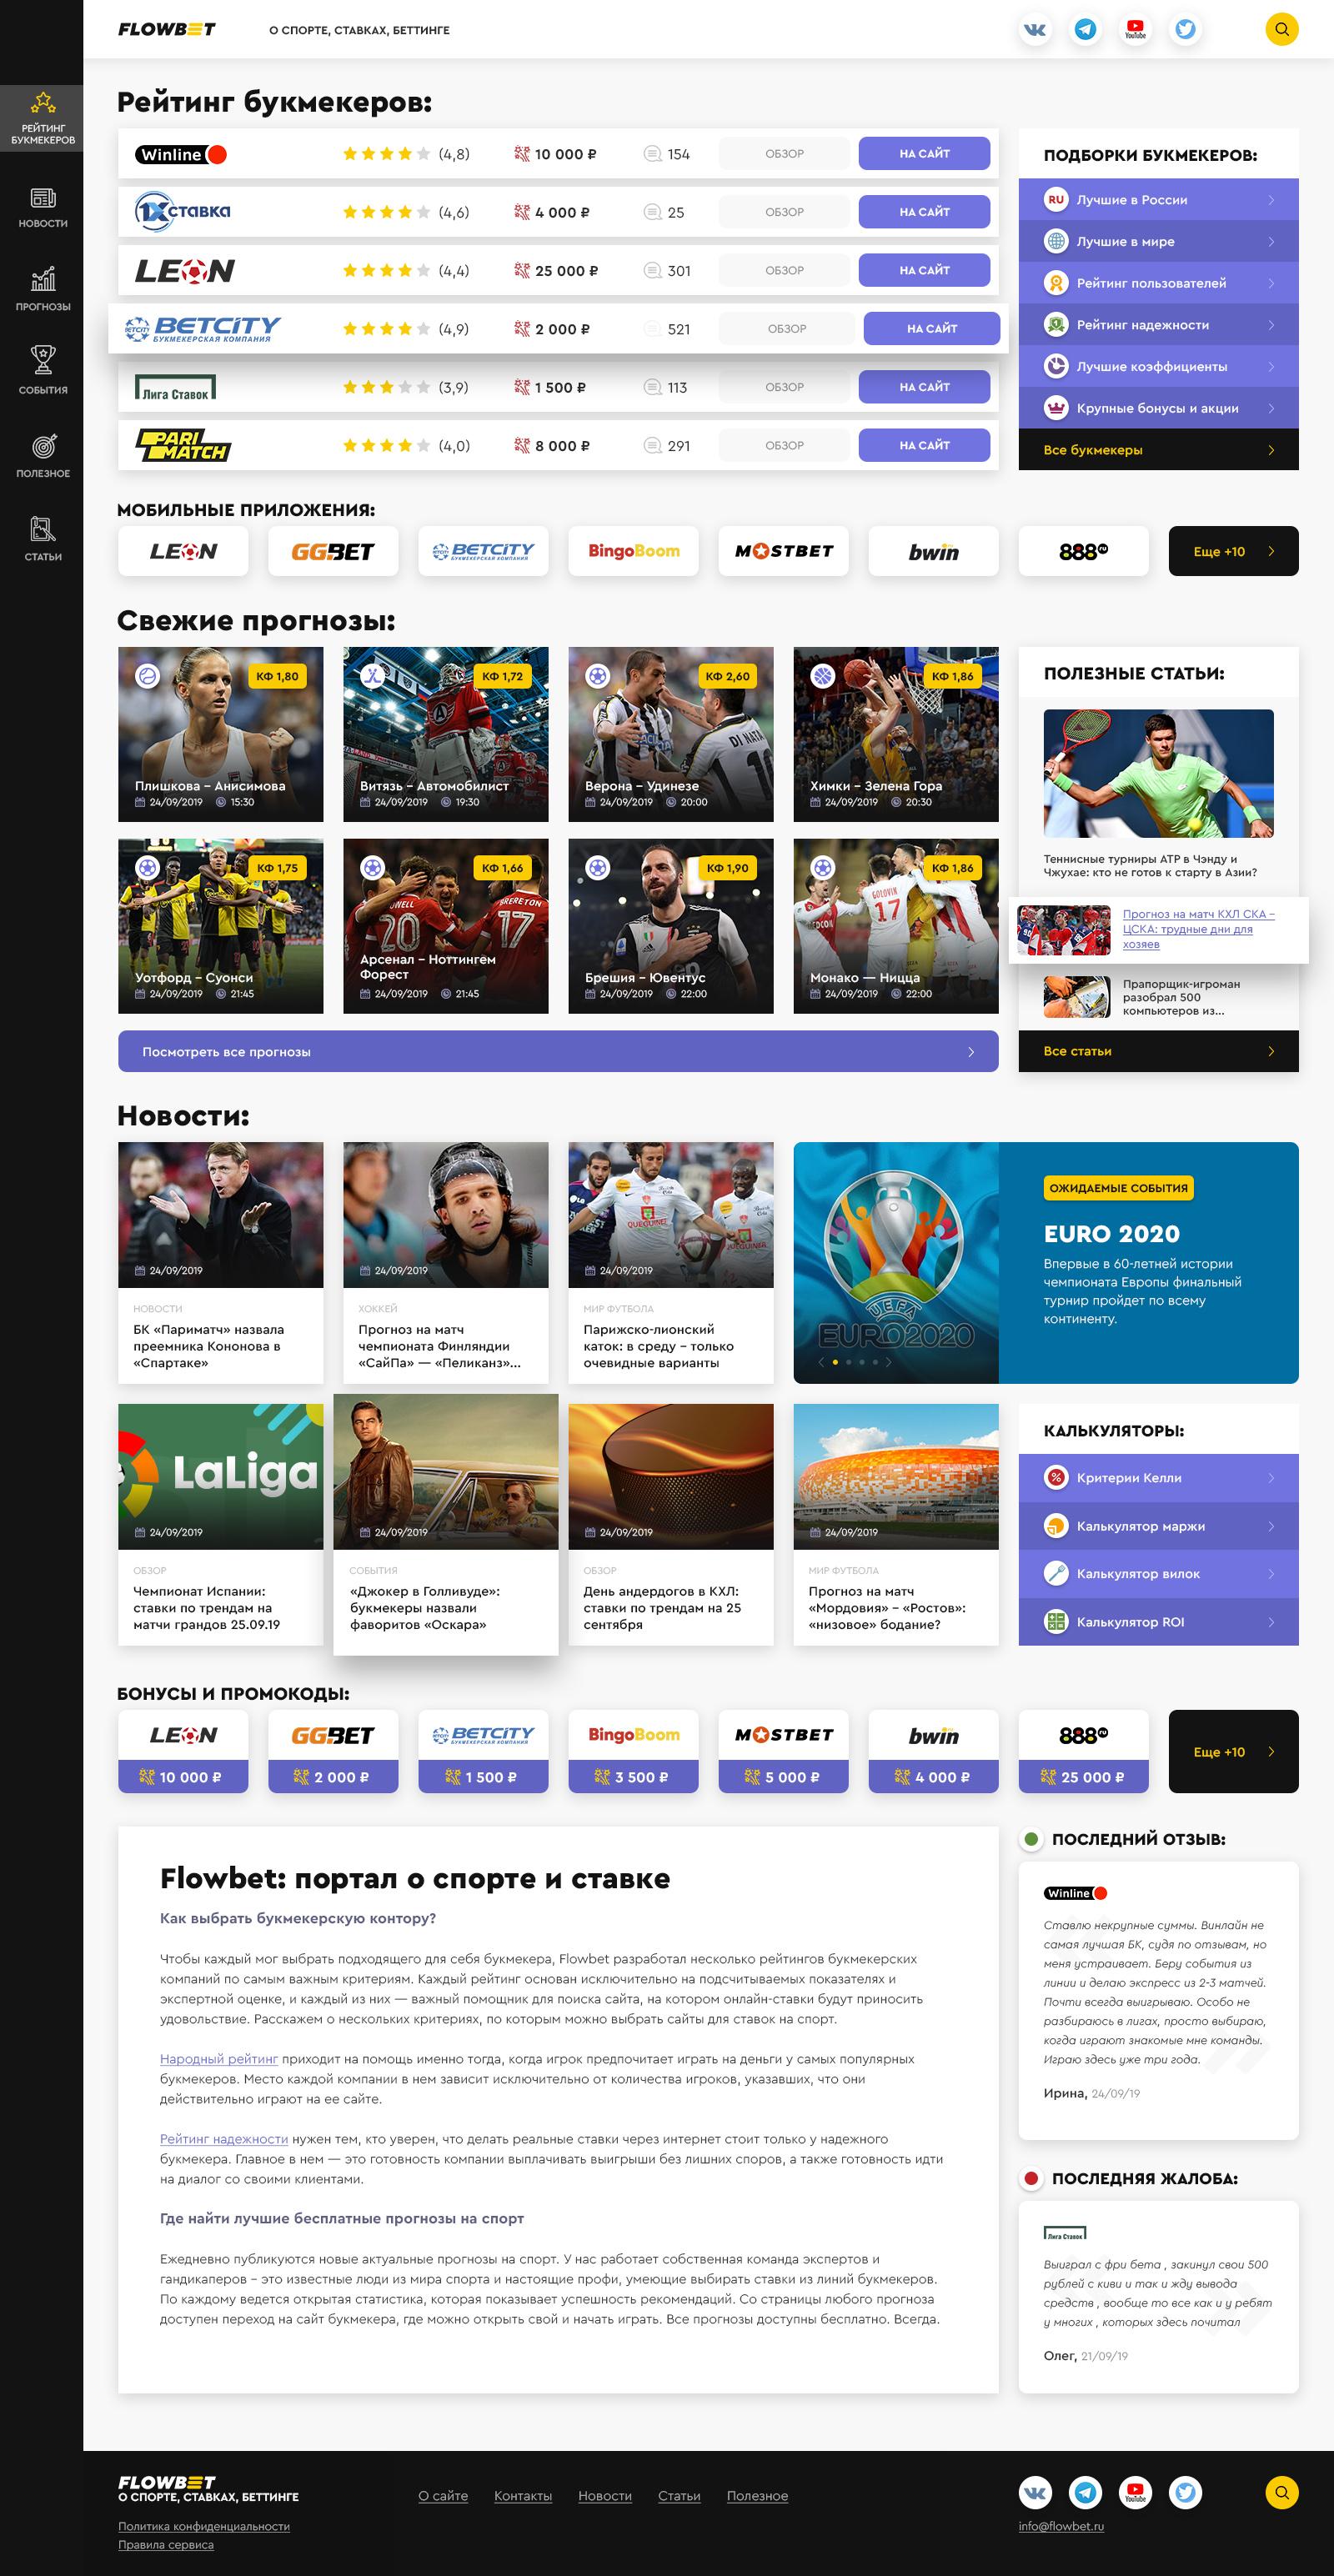 Дизайн главной страницы сайта про спорт фото f_3095d8b7795dcf4a.jpg